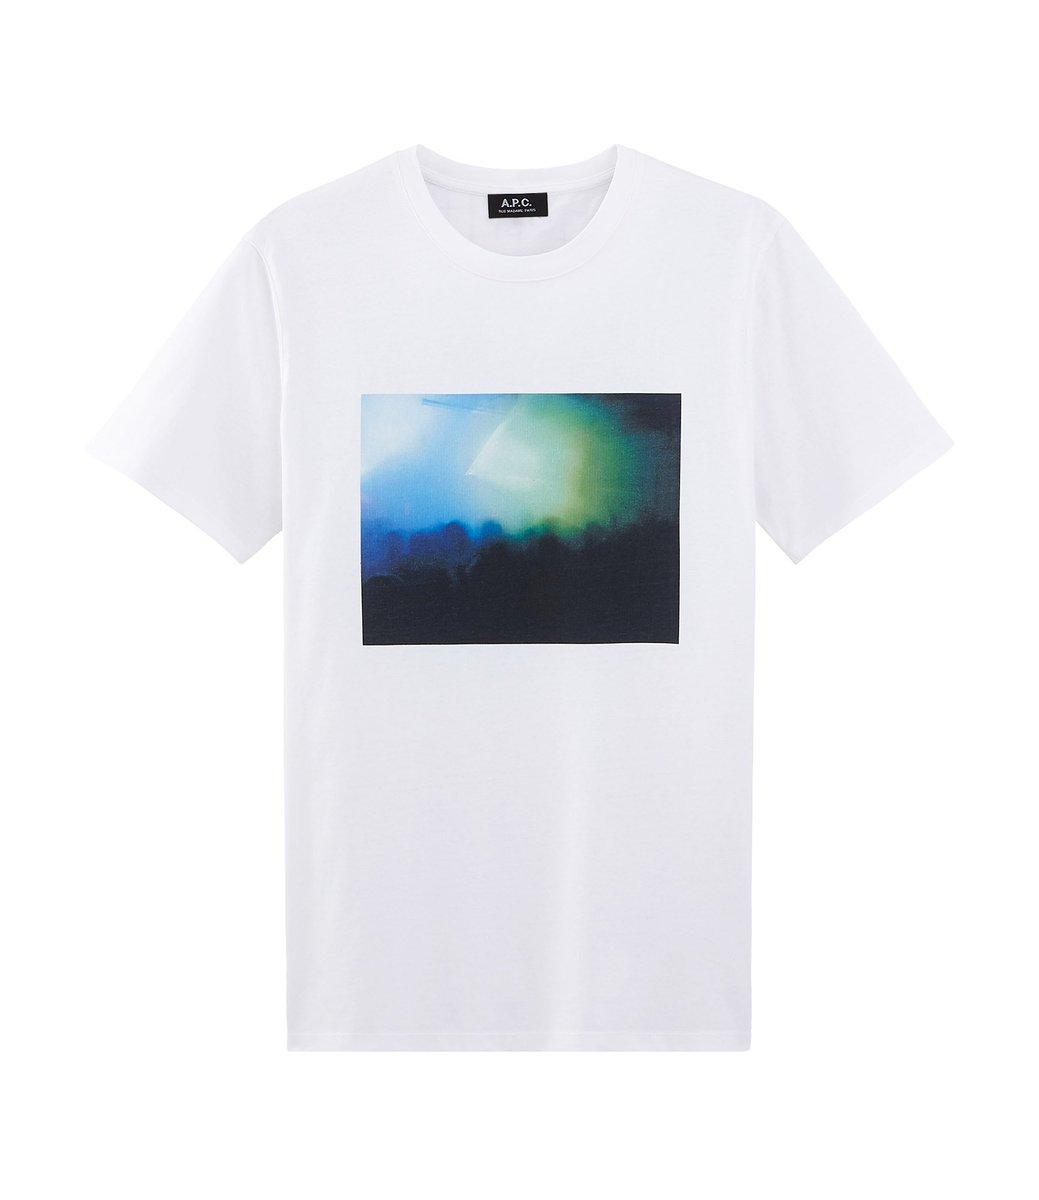 #APC 2017年 秋冬プレコレクション  Gig Tシャツ https://t.co/ui6shOmXNI https://t.co/mZiR1ebX48